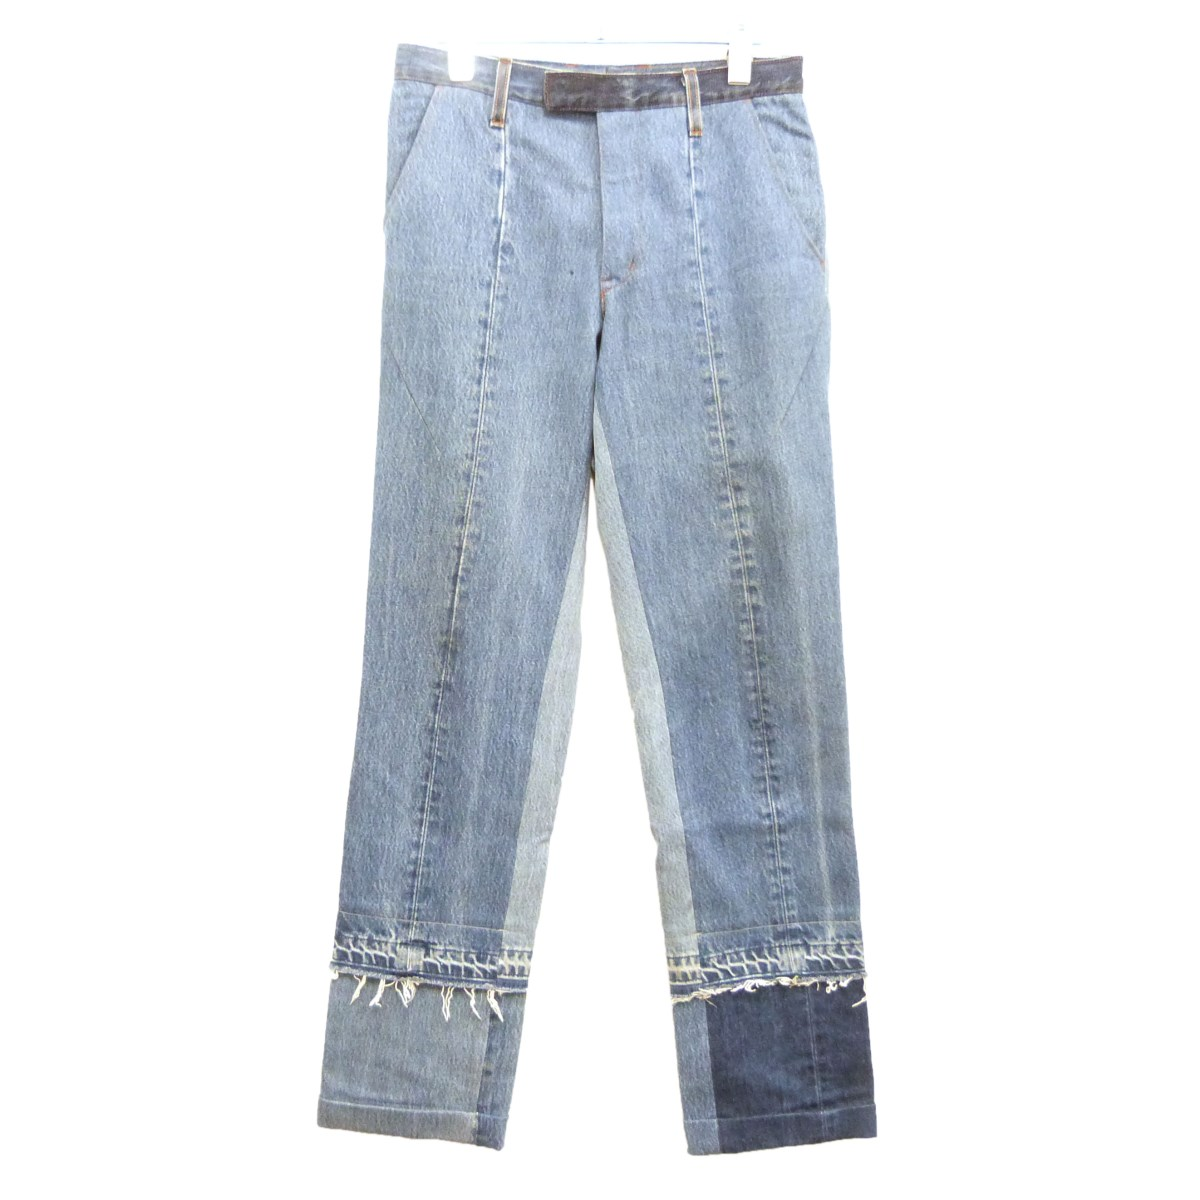 【中古】TAKAHIROMIYASHITA The SoloIst. 18SS「Layered Jean」再構築レイヤードデニムパンツ インディゴ サイズ:46 【100420】(タカヒロミヤシタザソロイスト)